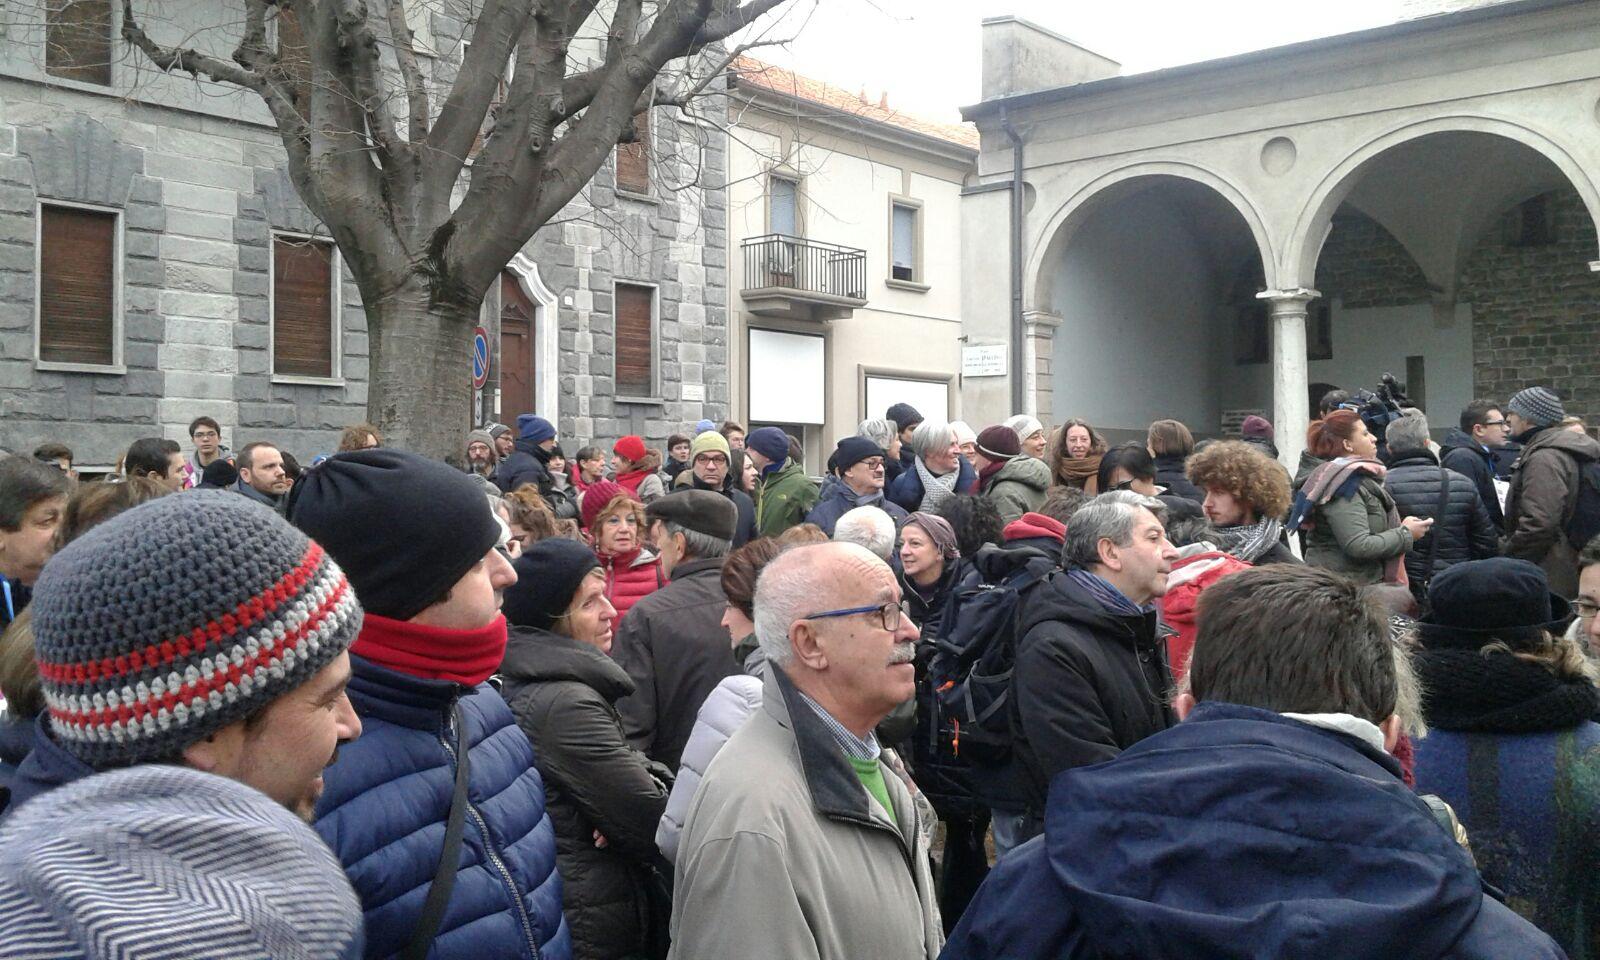 http://www.canturino.com/wp-content/uploads/2017/12/COMO-MANIFESTAZIONE-VS-ORDINANZA-LANDRISCINA-2.jpeg